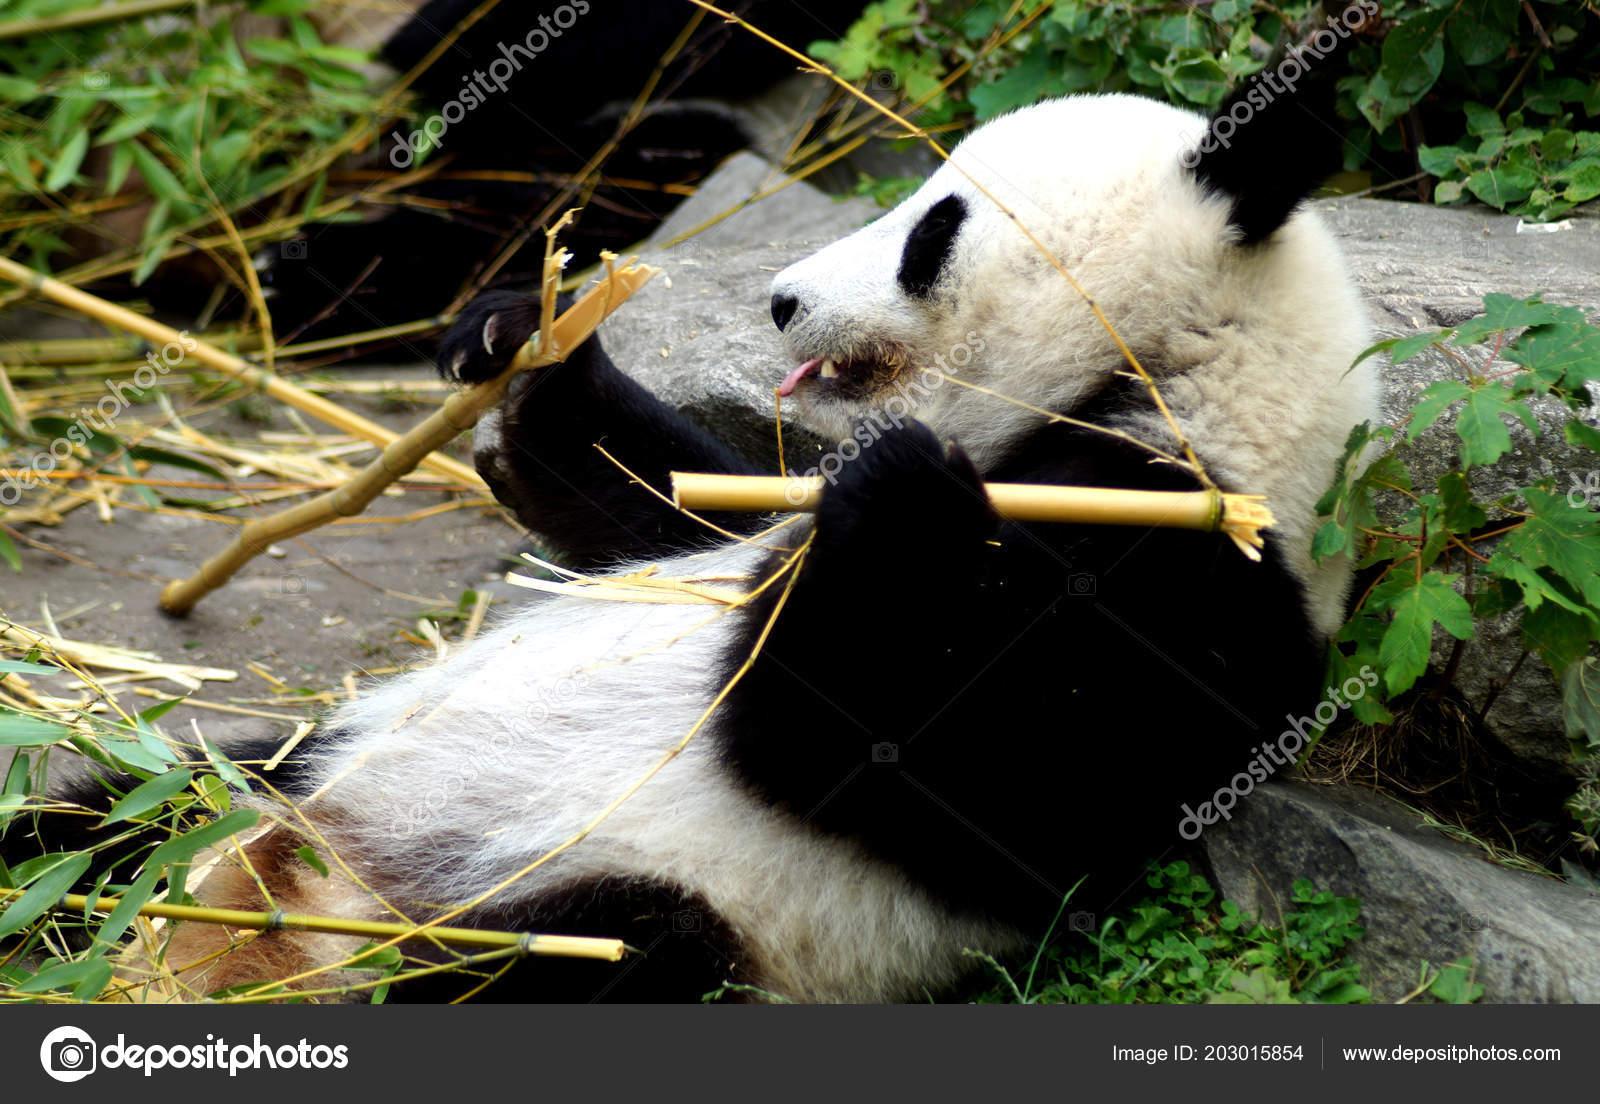 Groer Pandabr Beim Bambus Essen Stock Photo C Spiderwoman81 203015854